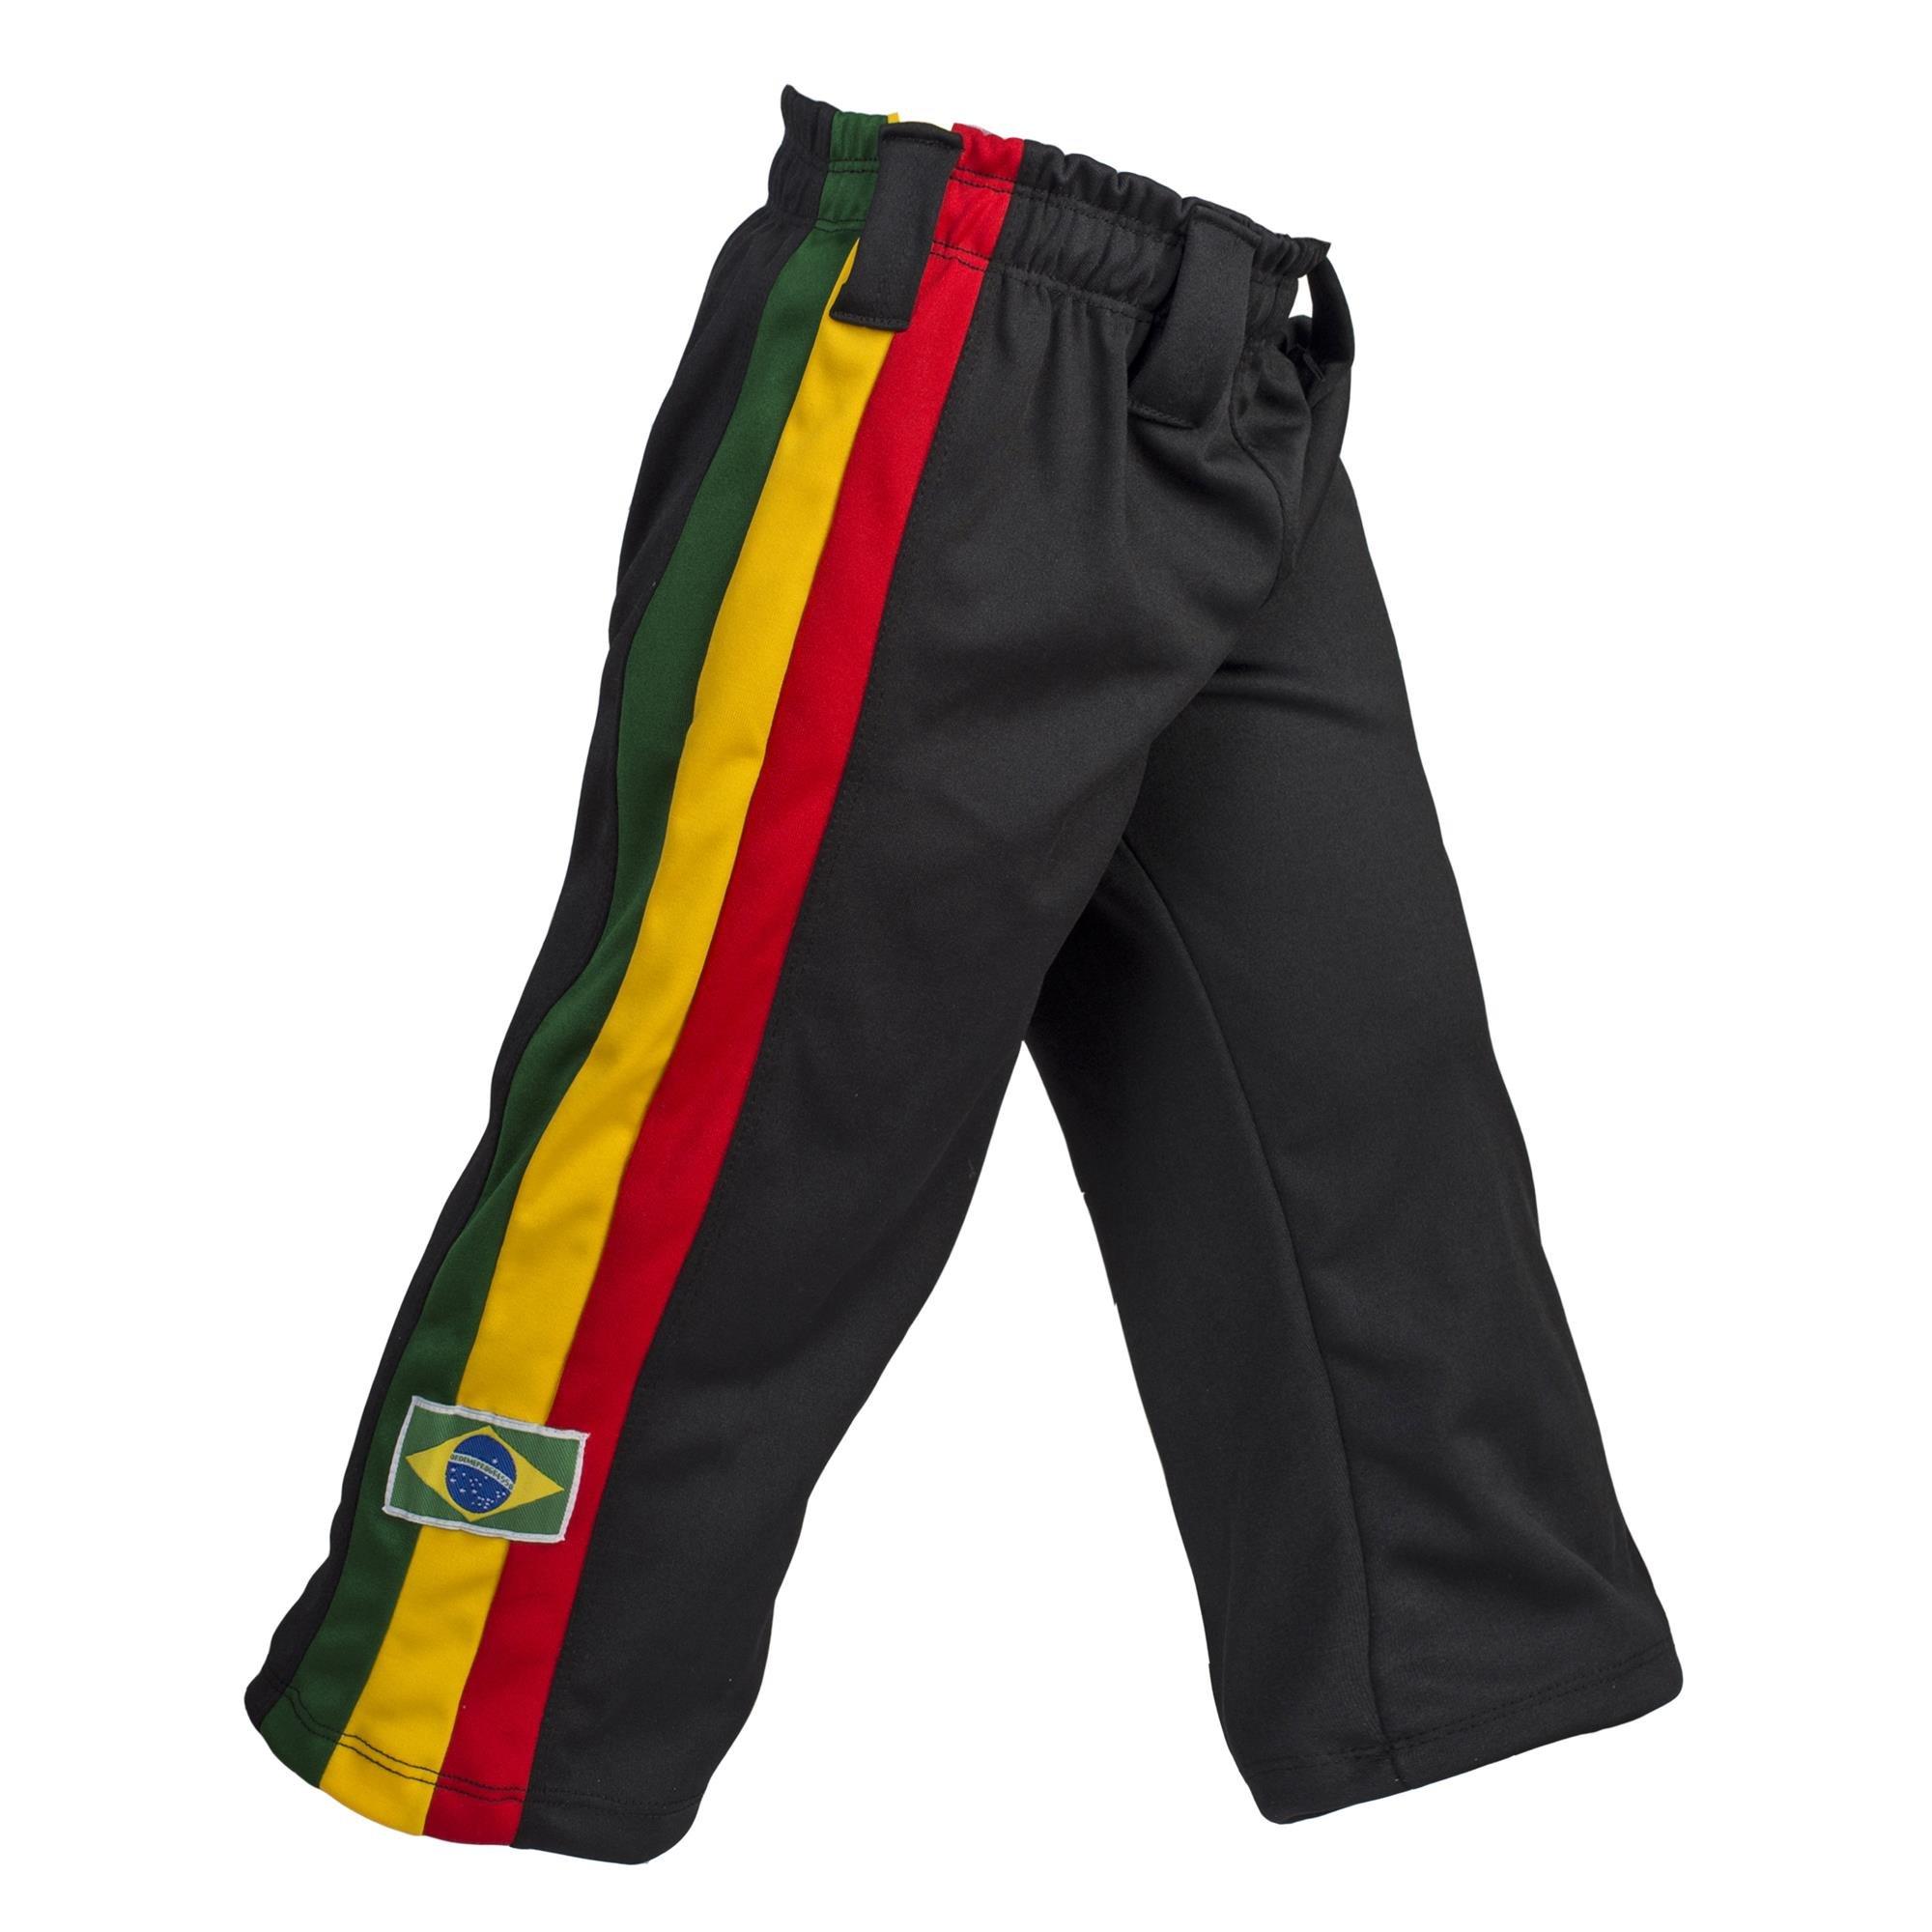 Nero E Rosso JL Sport Autentico Pantaloni Brasileiana Capoeira Arti Marziali Uomo